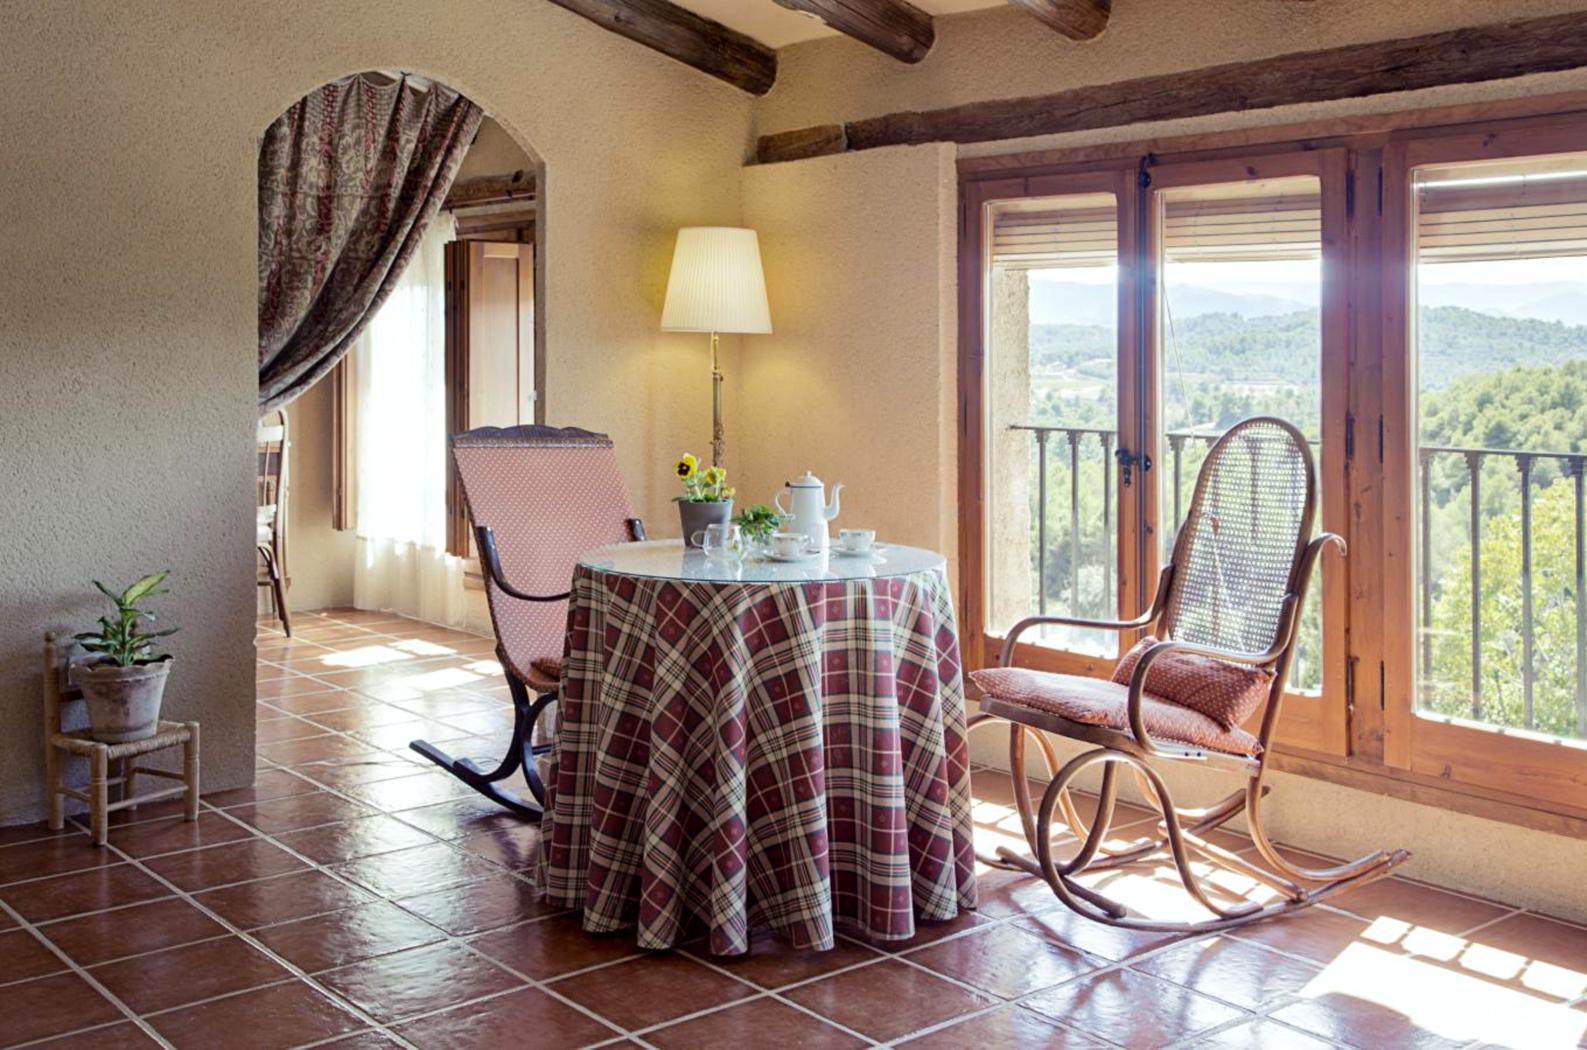 Ruralverd casa rural horta de sant joan terra alta 33706 - Casa rural sant marc ...